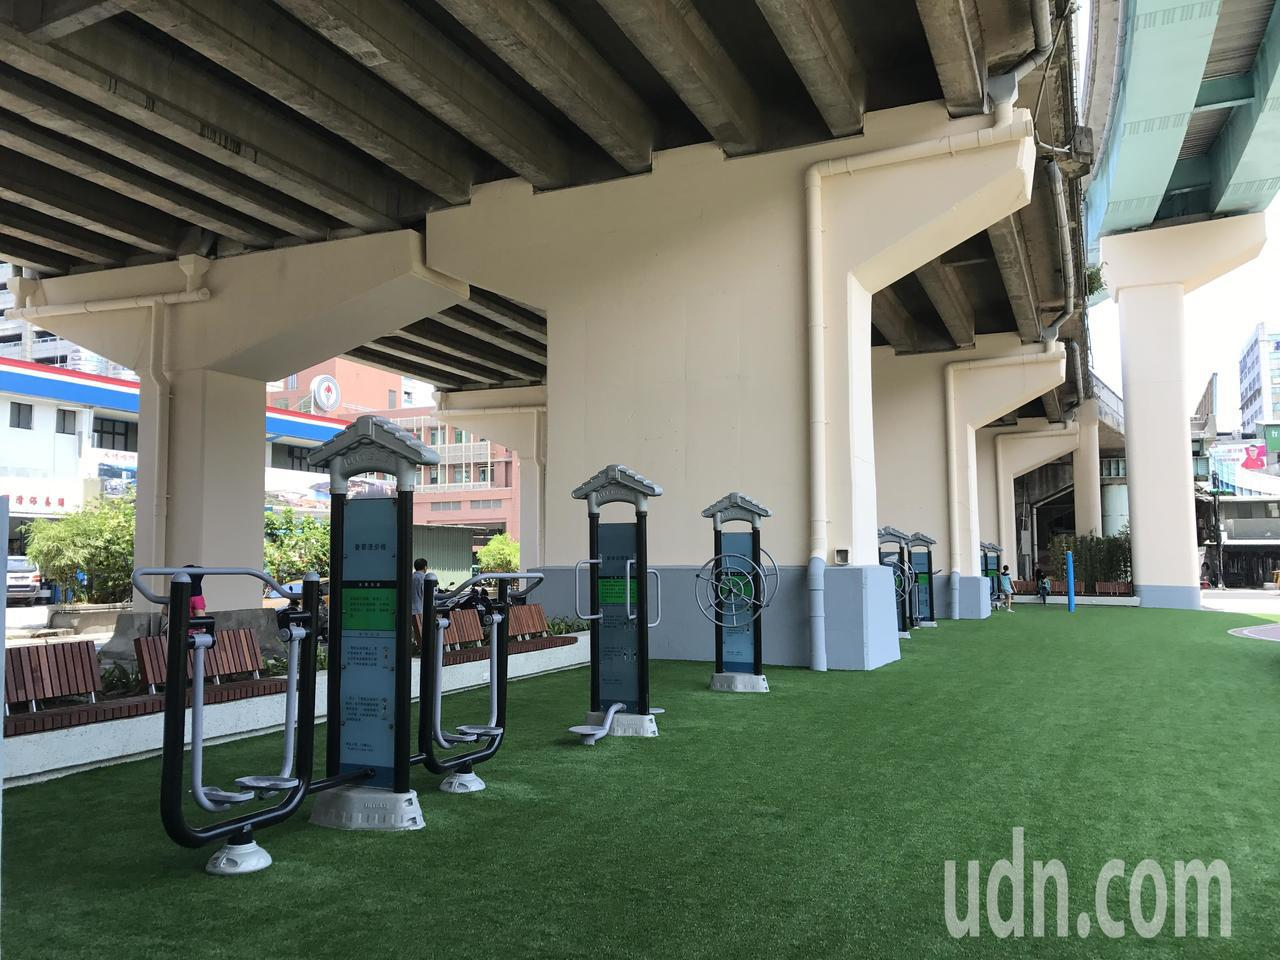 市長林右昌上午主持29號橋下空間啟用儀式,居民歡歡喜喜擁有一個明亮乾淨的活動空間...